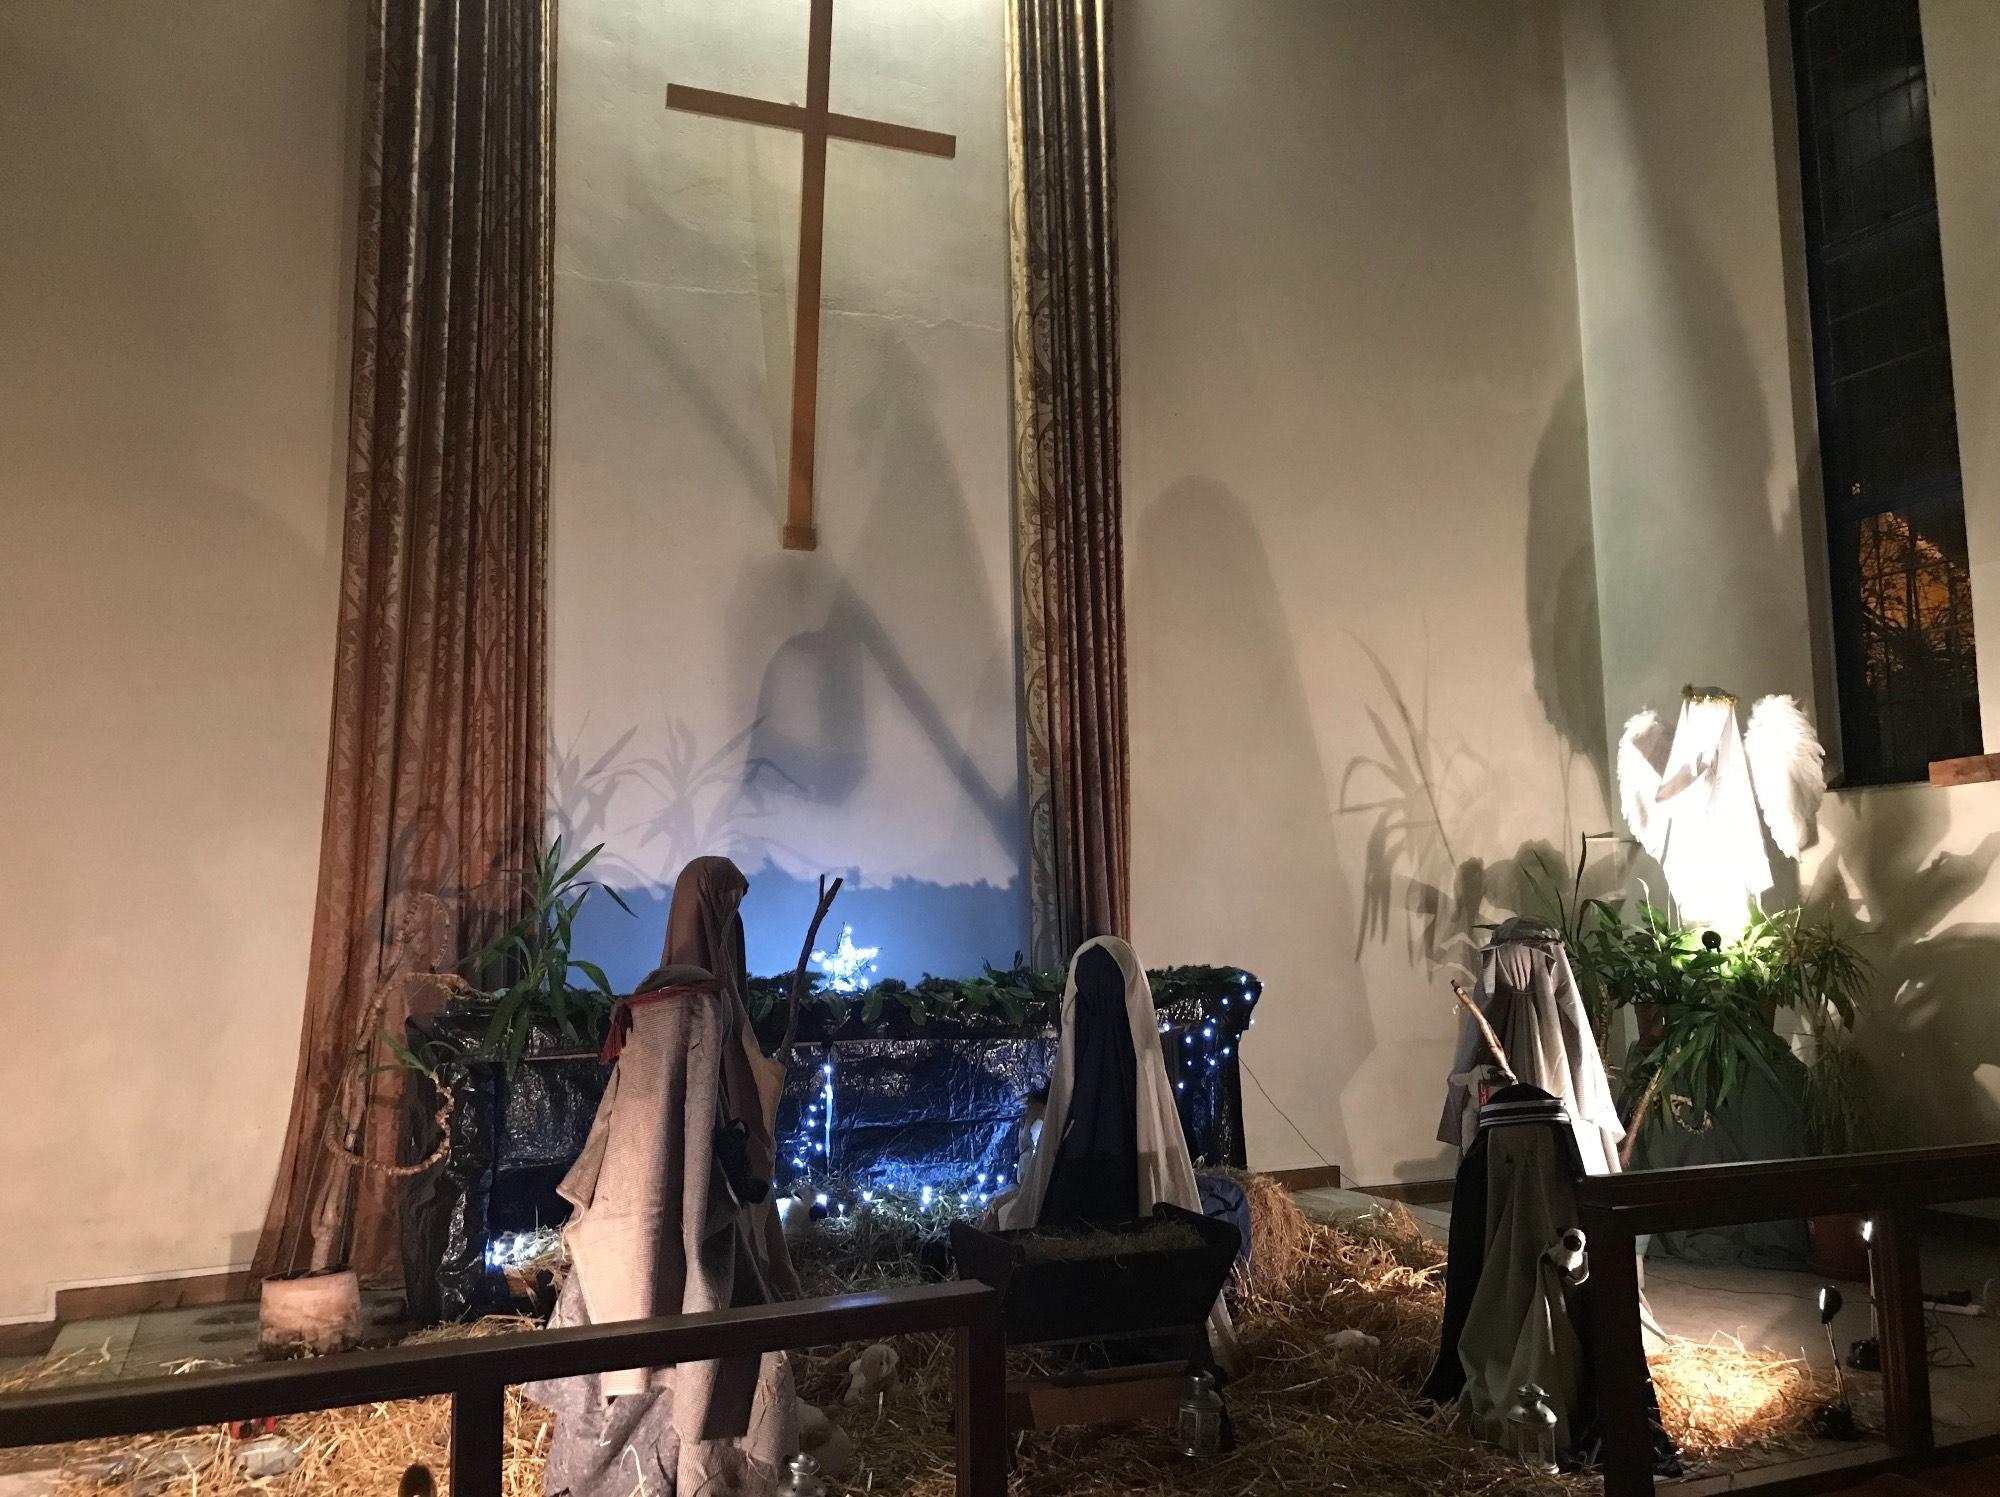 The Christmas Crib 2018